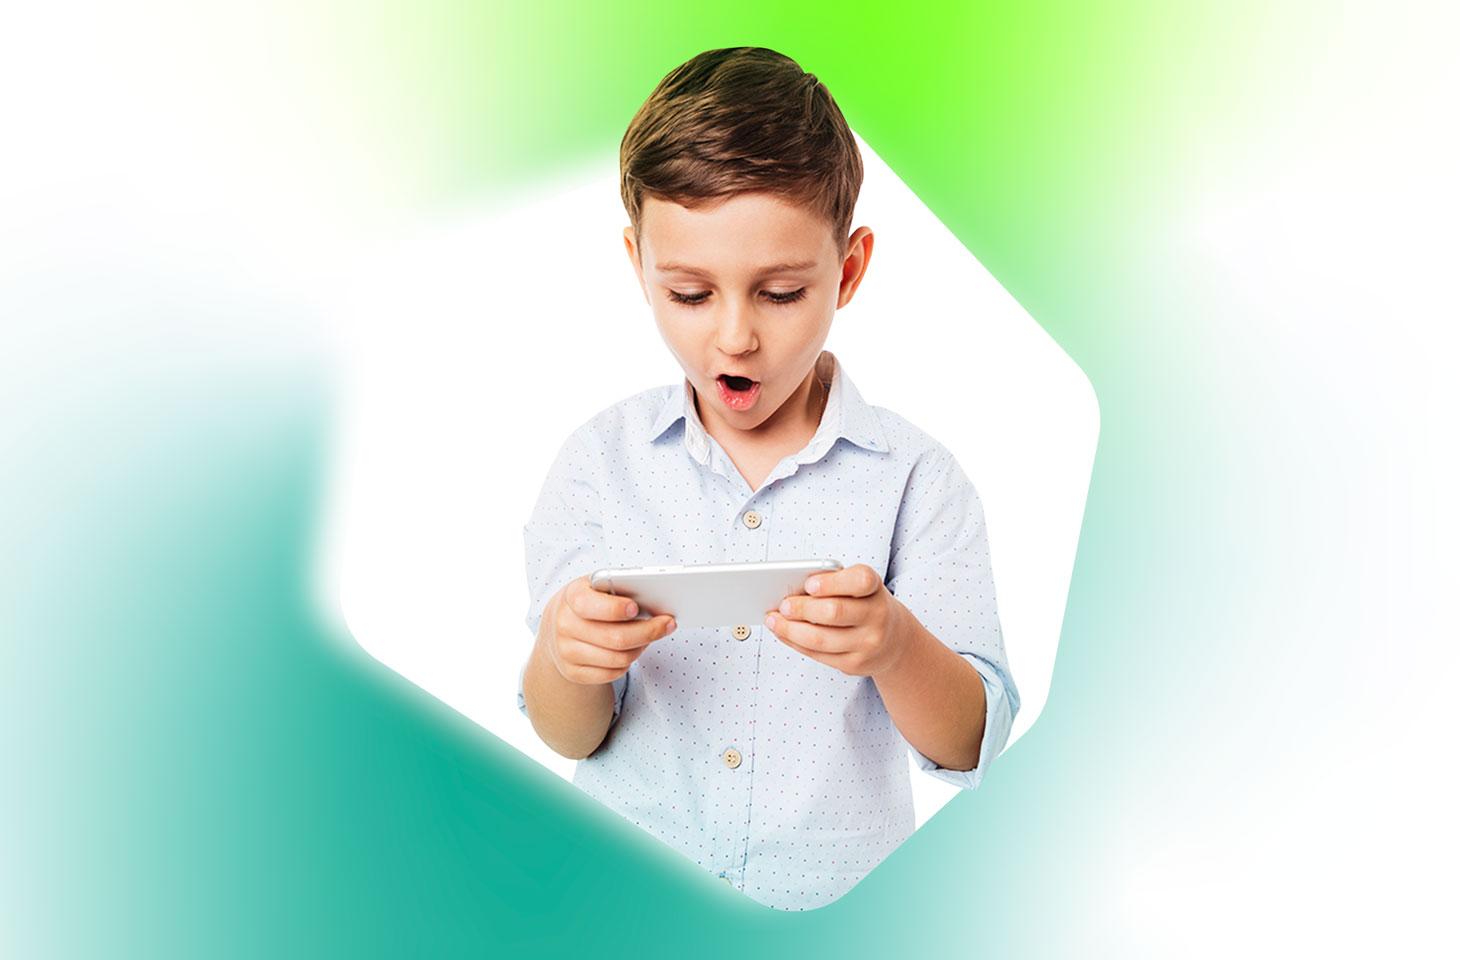 Cómo configurar un smartphone para que lo use un niño